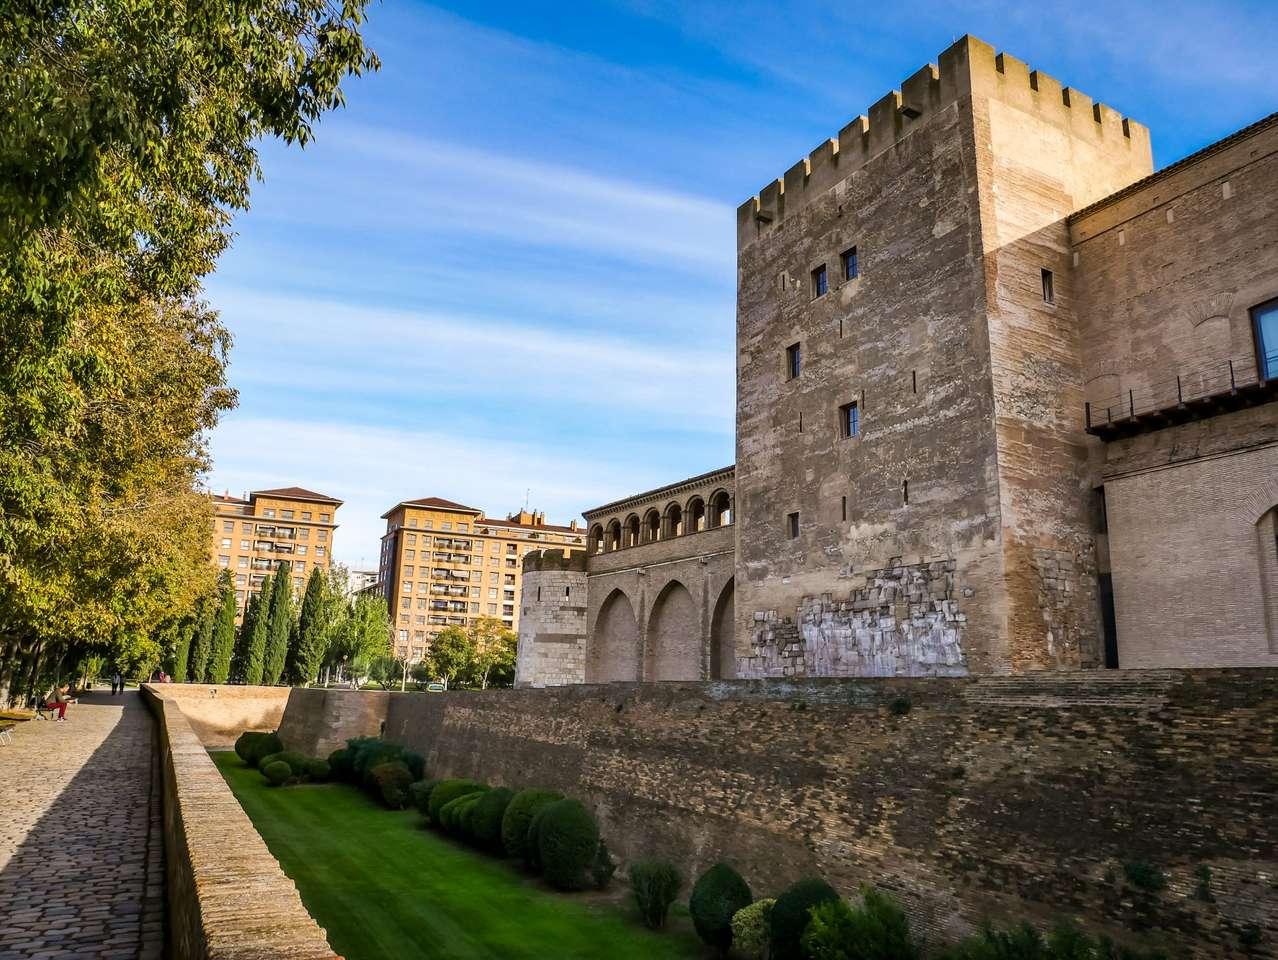 Πόλη Σαραγόσα στην Ισπανία